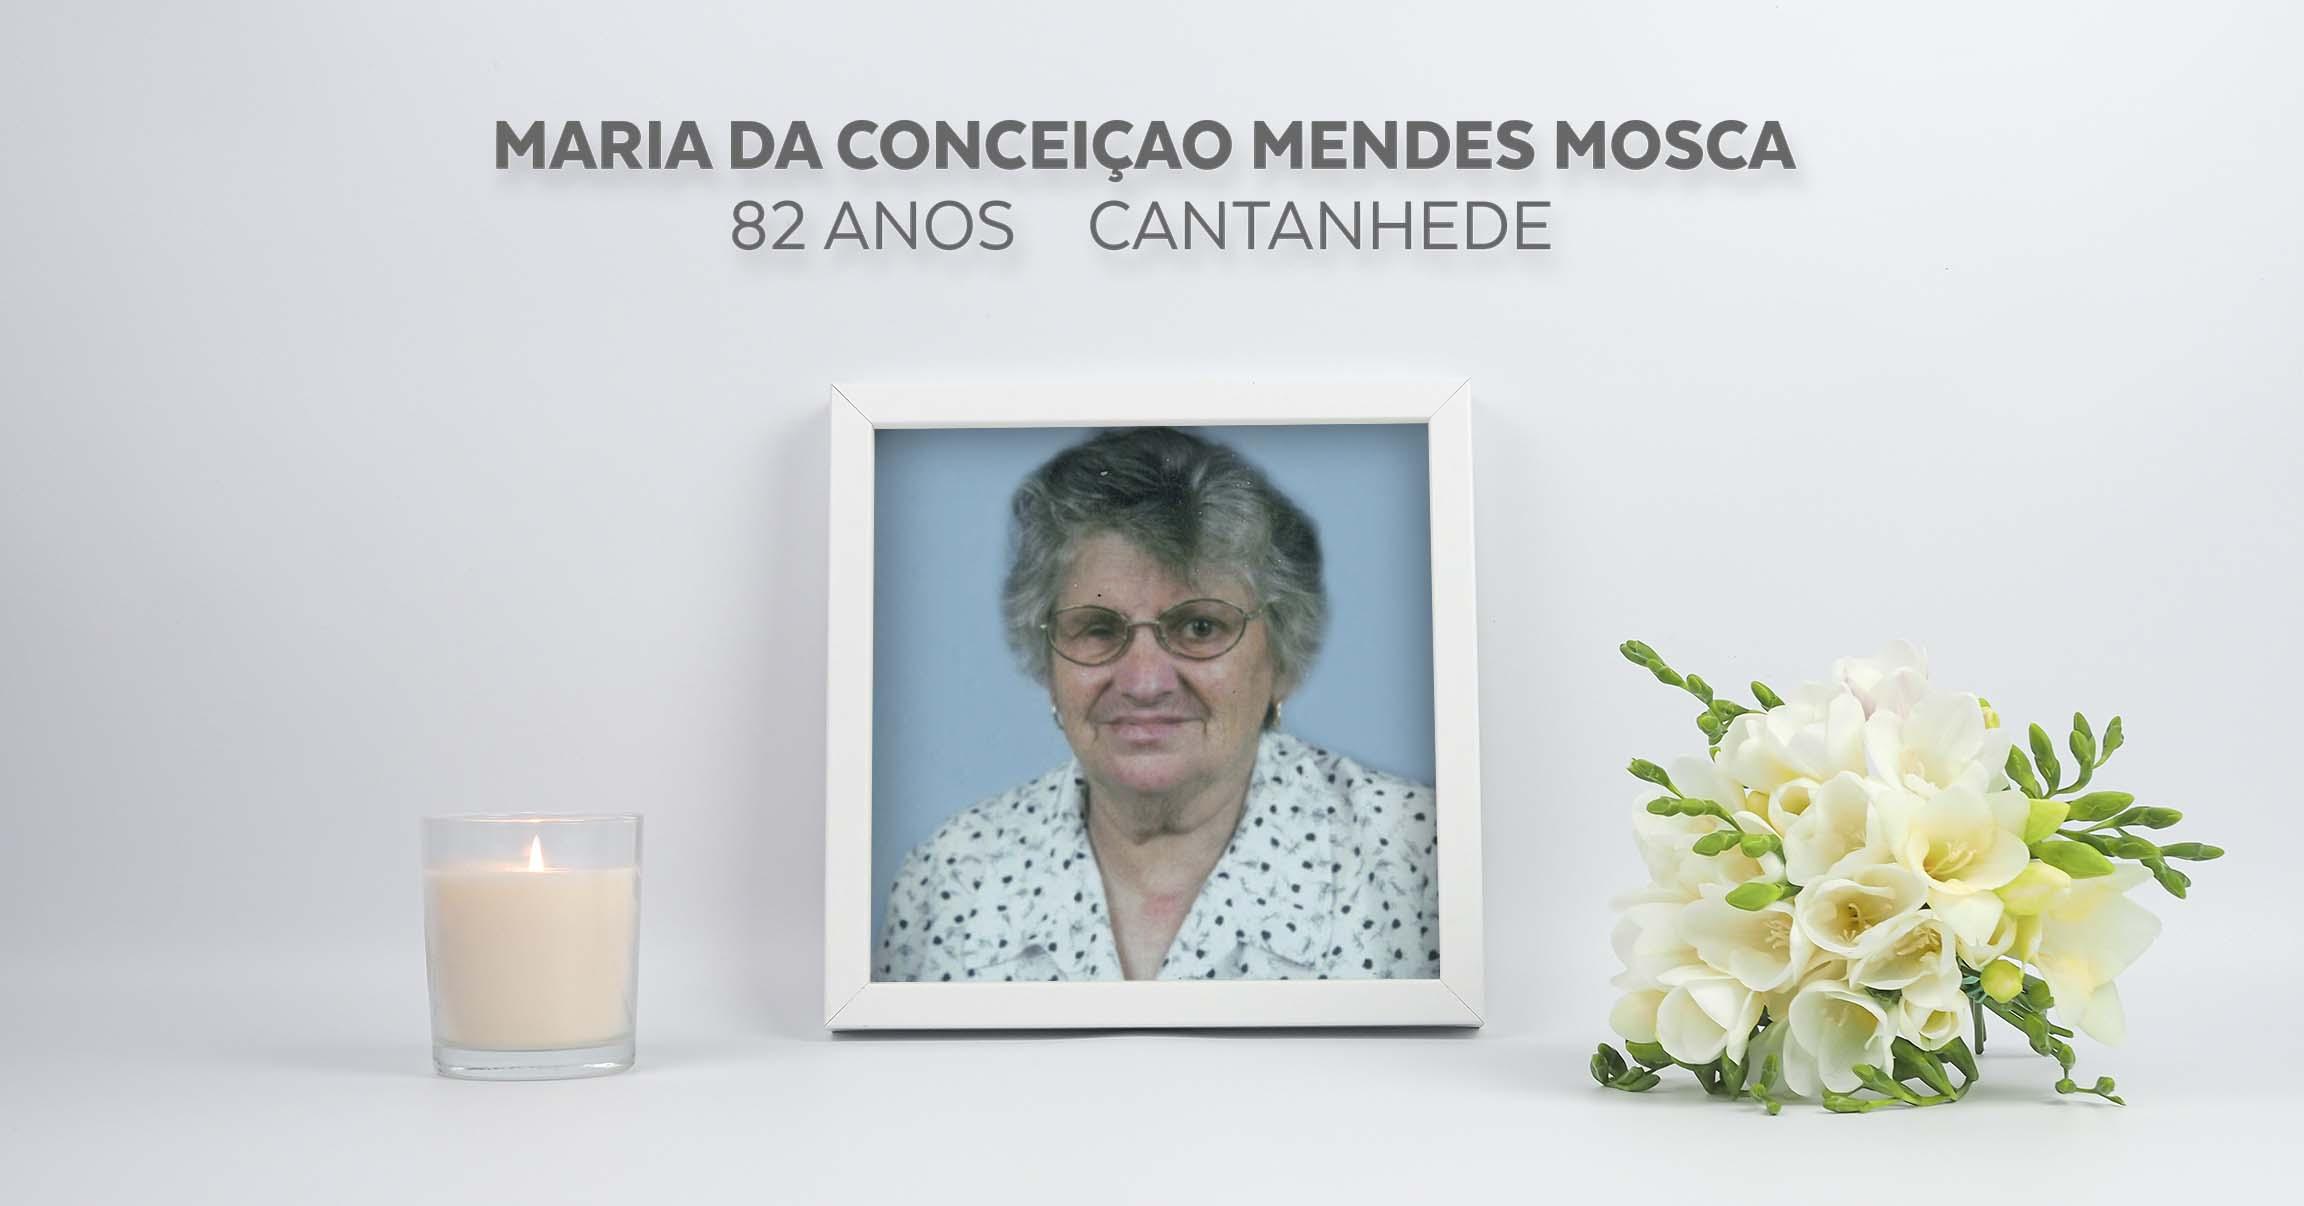 Maria da Conceição Mendes Mosca